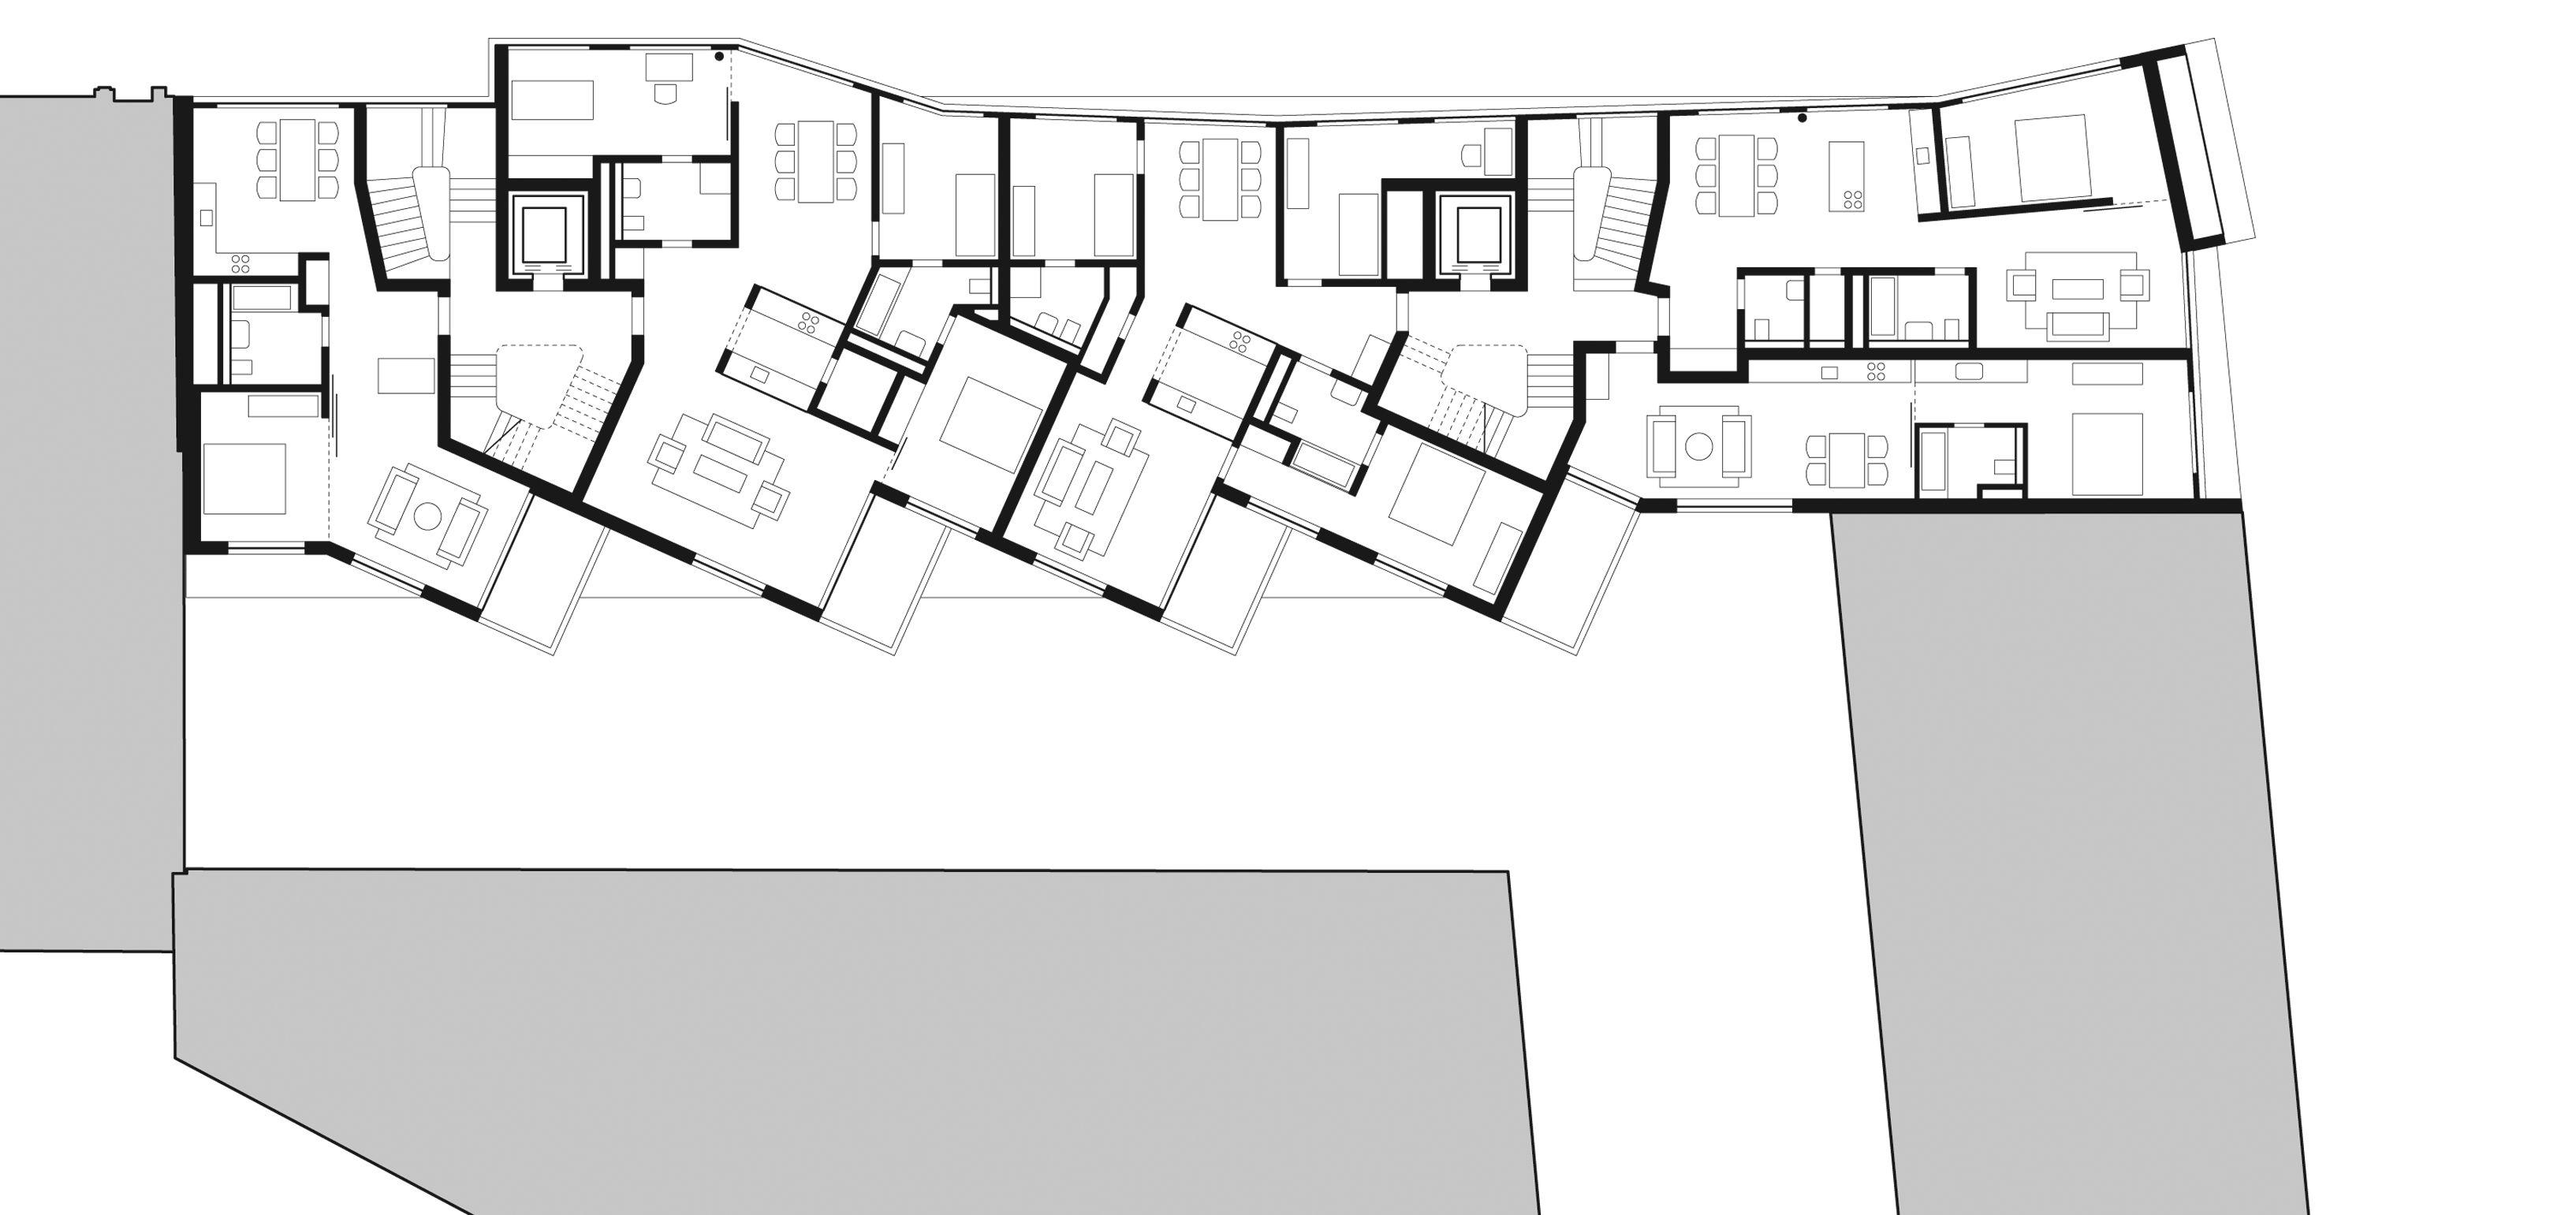 GrundrissBild von Nur Jamilah auf arsitektur Grundriss